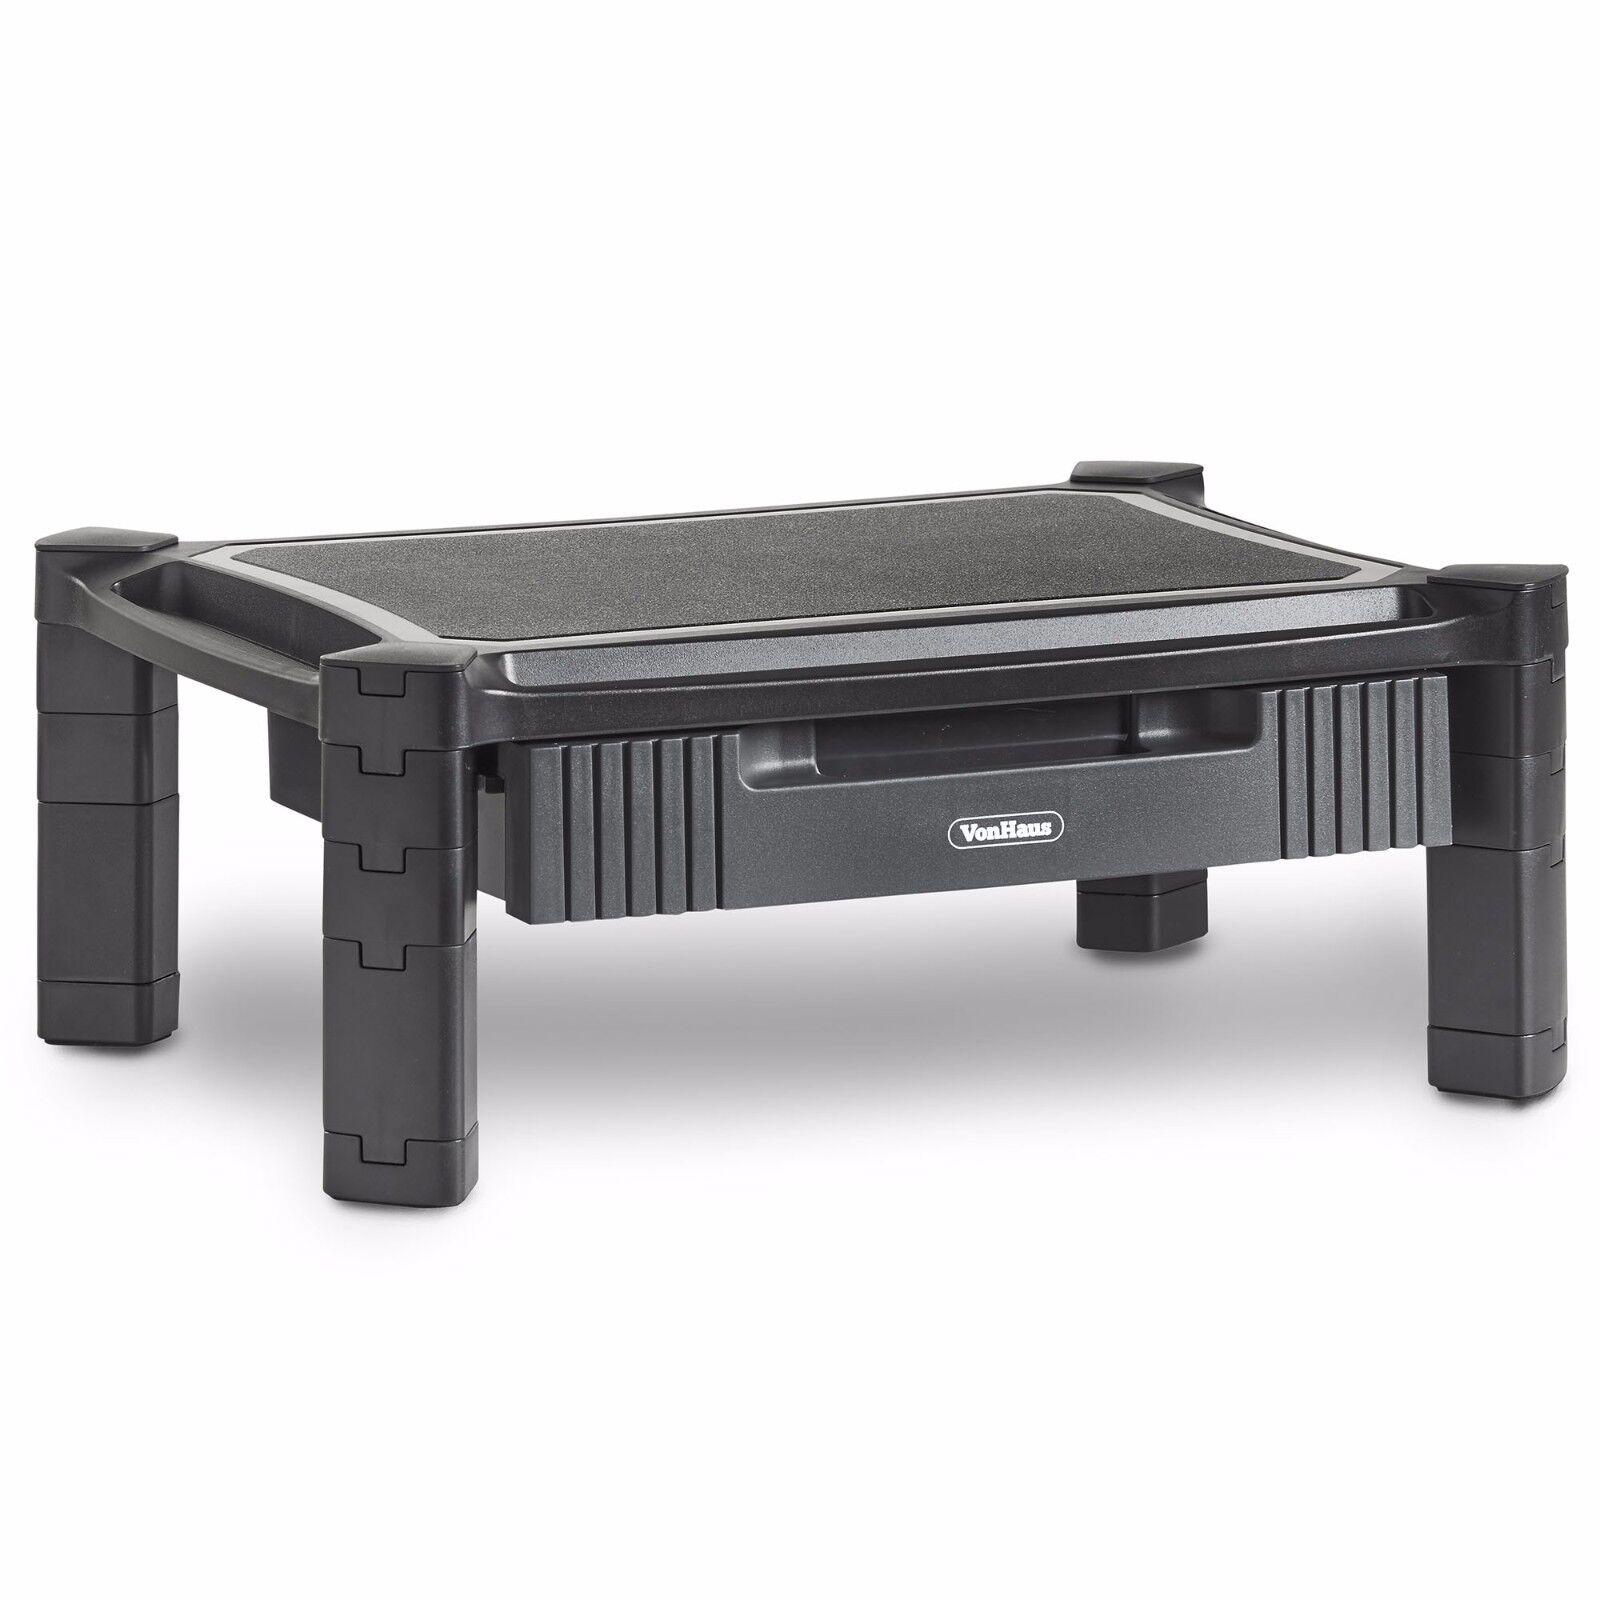 VonHaus Height Adjustable Monitor Desk Smart Stand Mount Ris